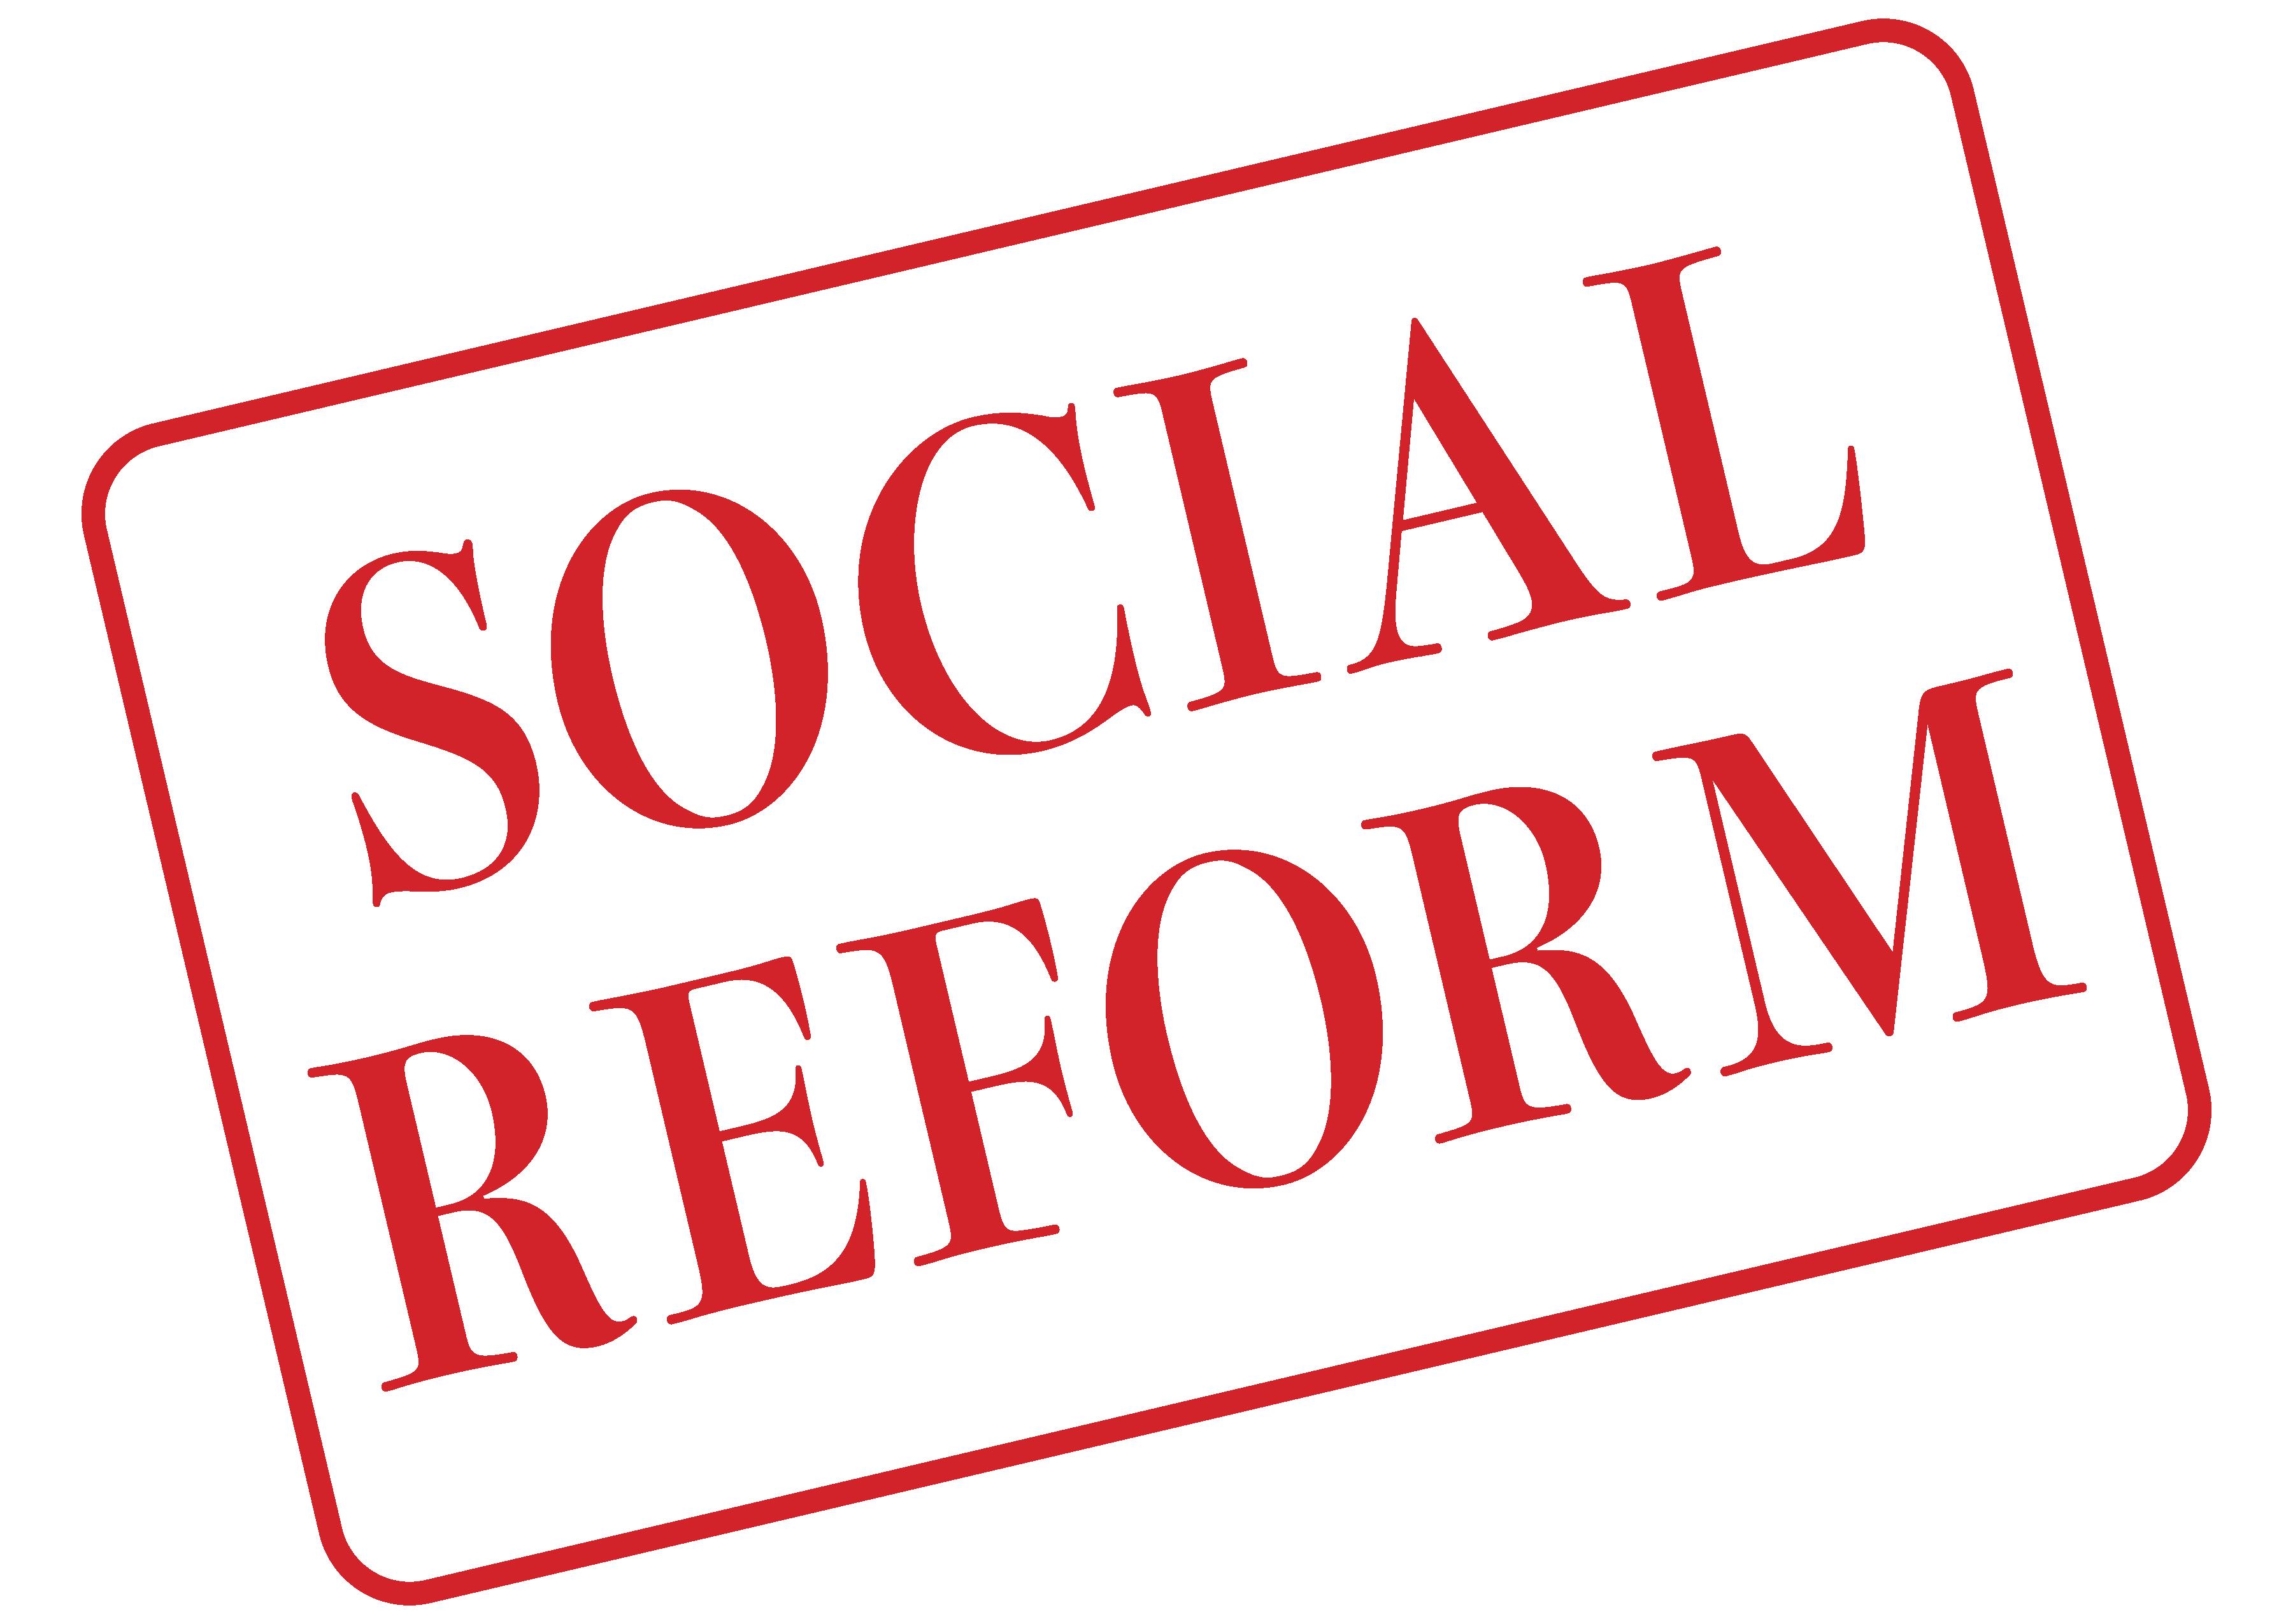 SocialReformDickens2